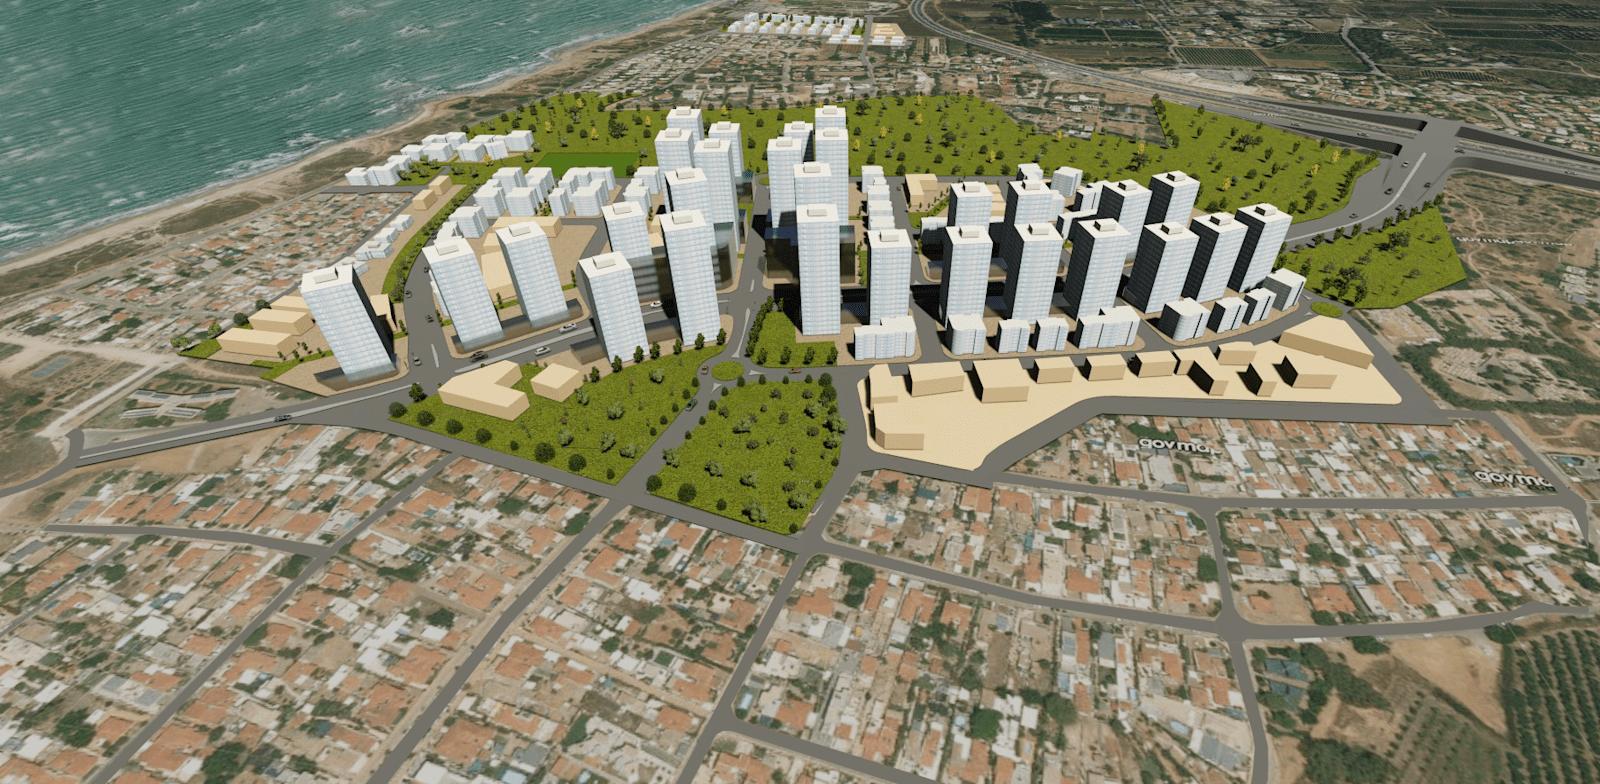 שכונת חבצלת בנתניה / צילום: מילוסלבסקי אדריכלים